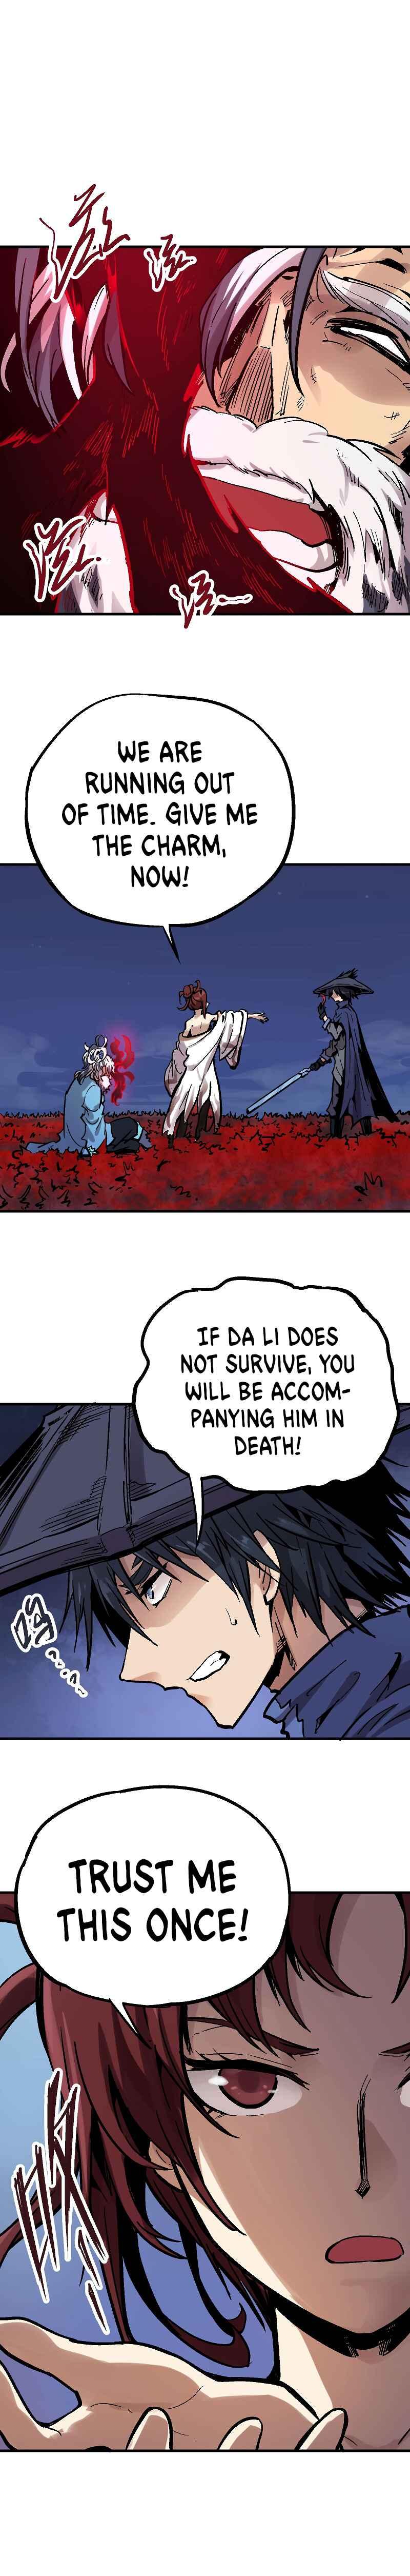 Xiu Tu - chapter 9-2-eng-li